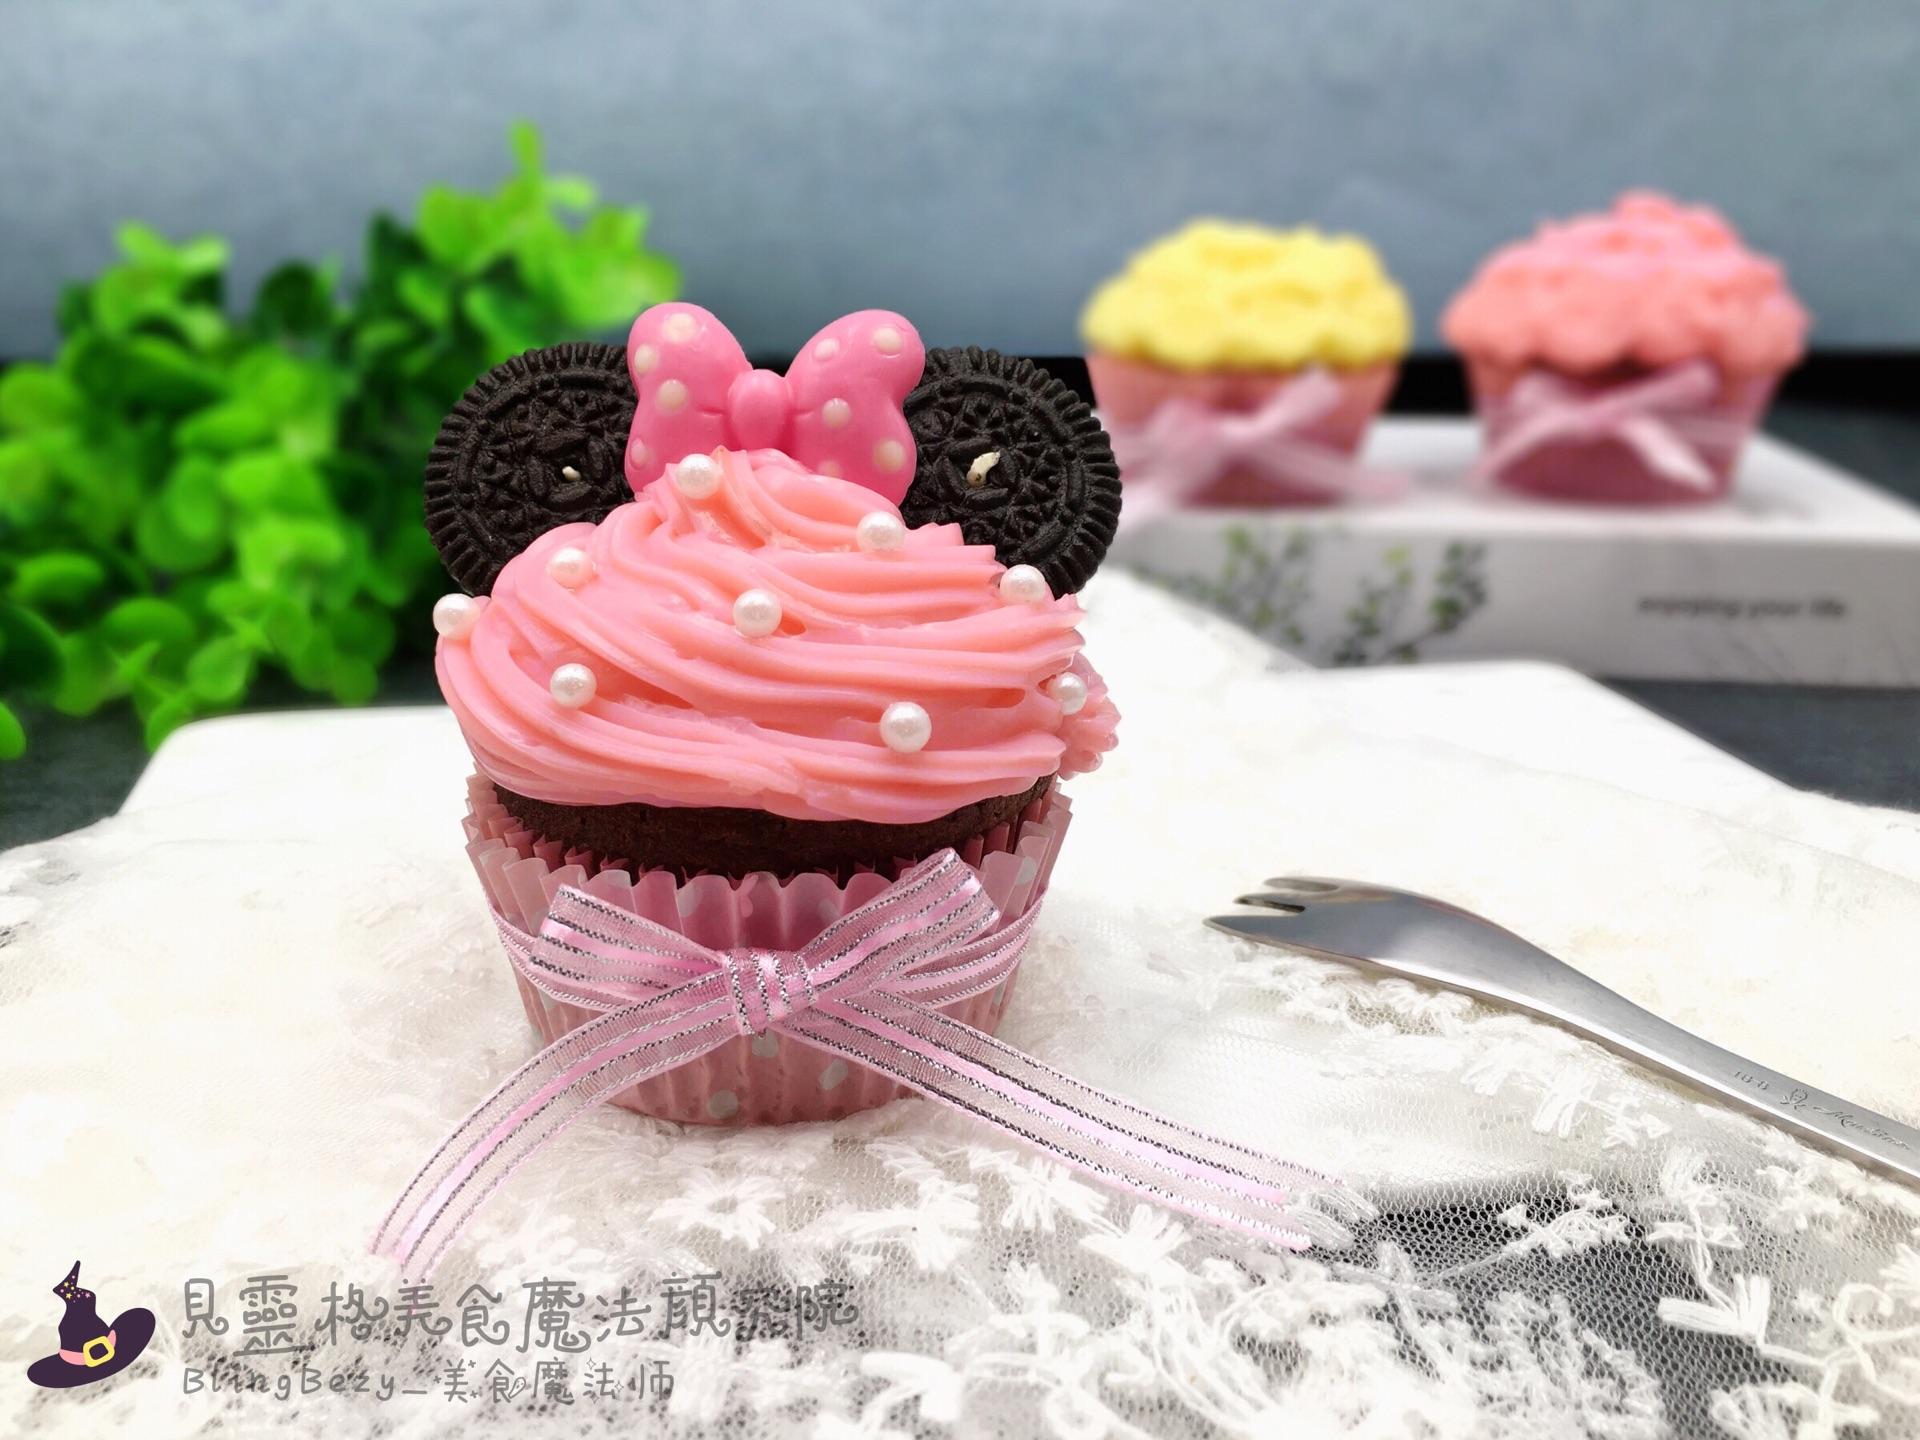 【美食魔法】米老鼠奶冻裱花马芬杯子蛋糕#相约mof#的